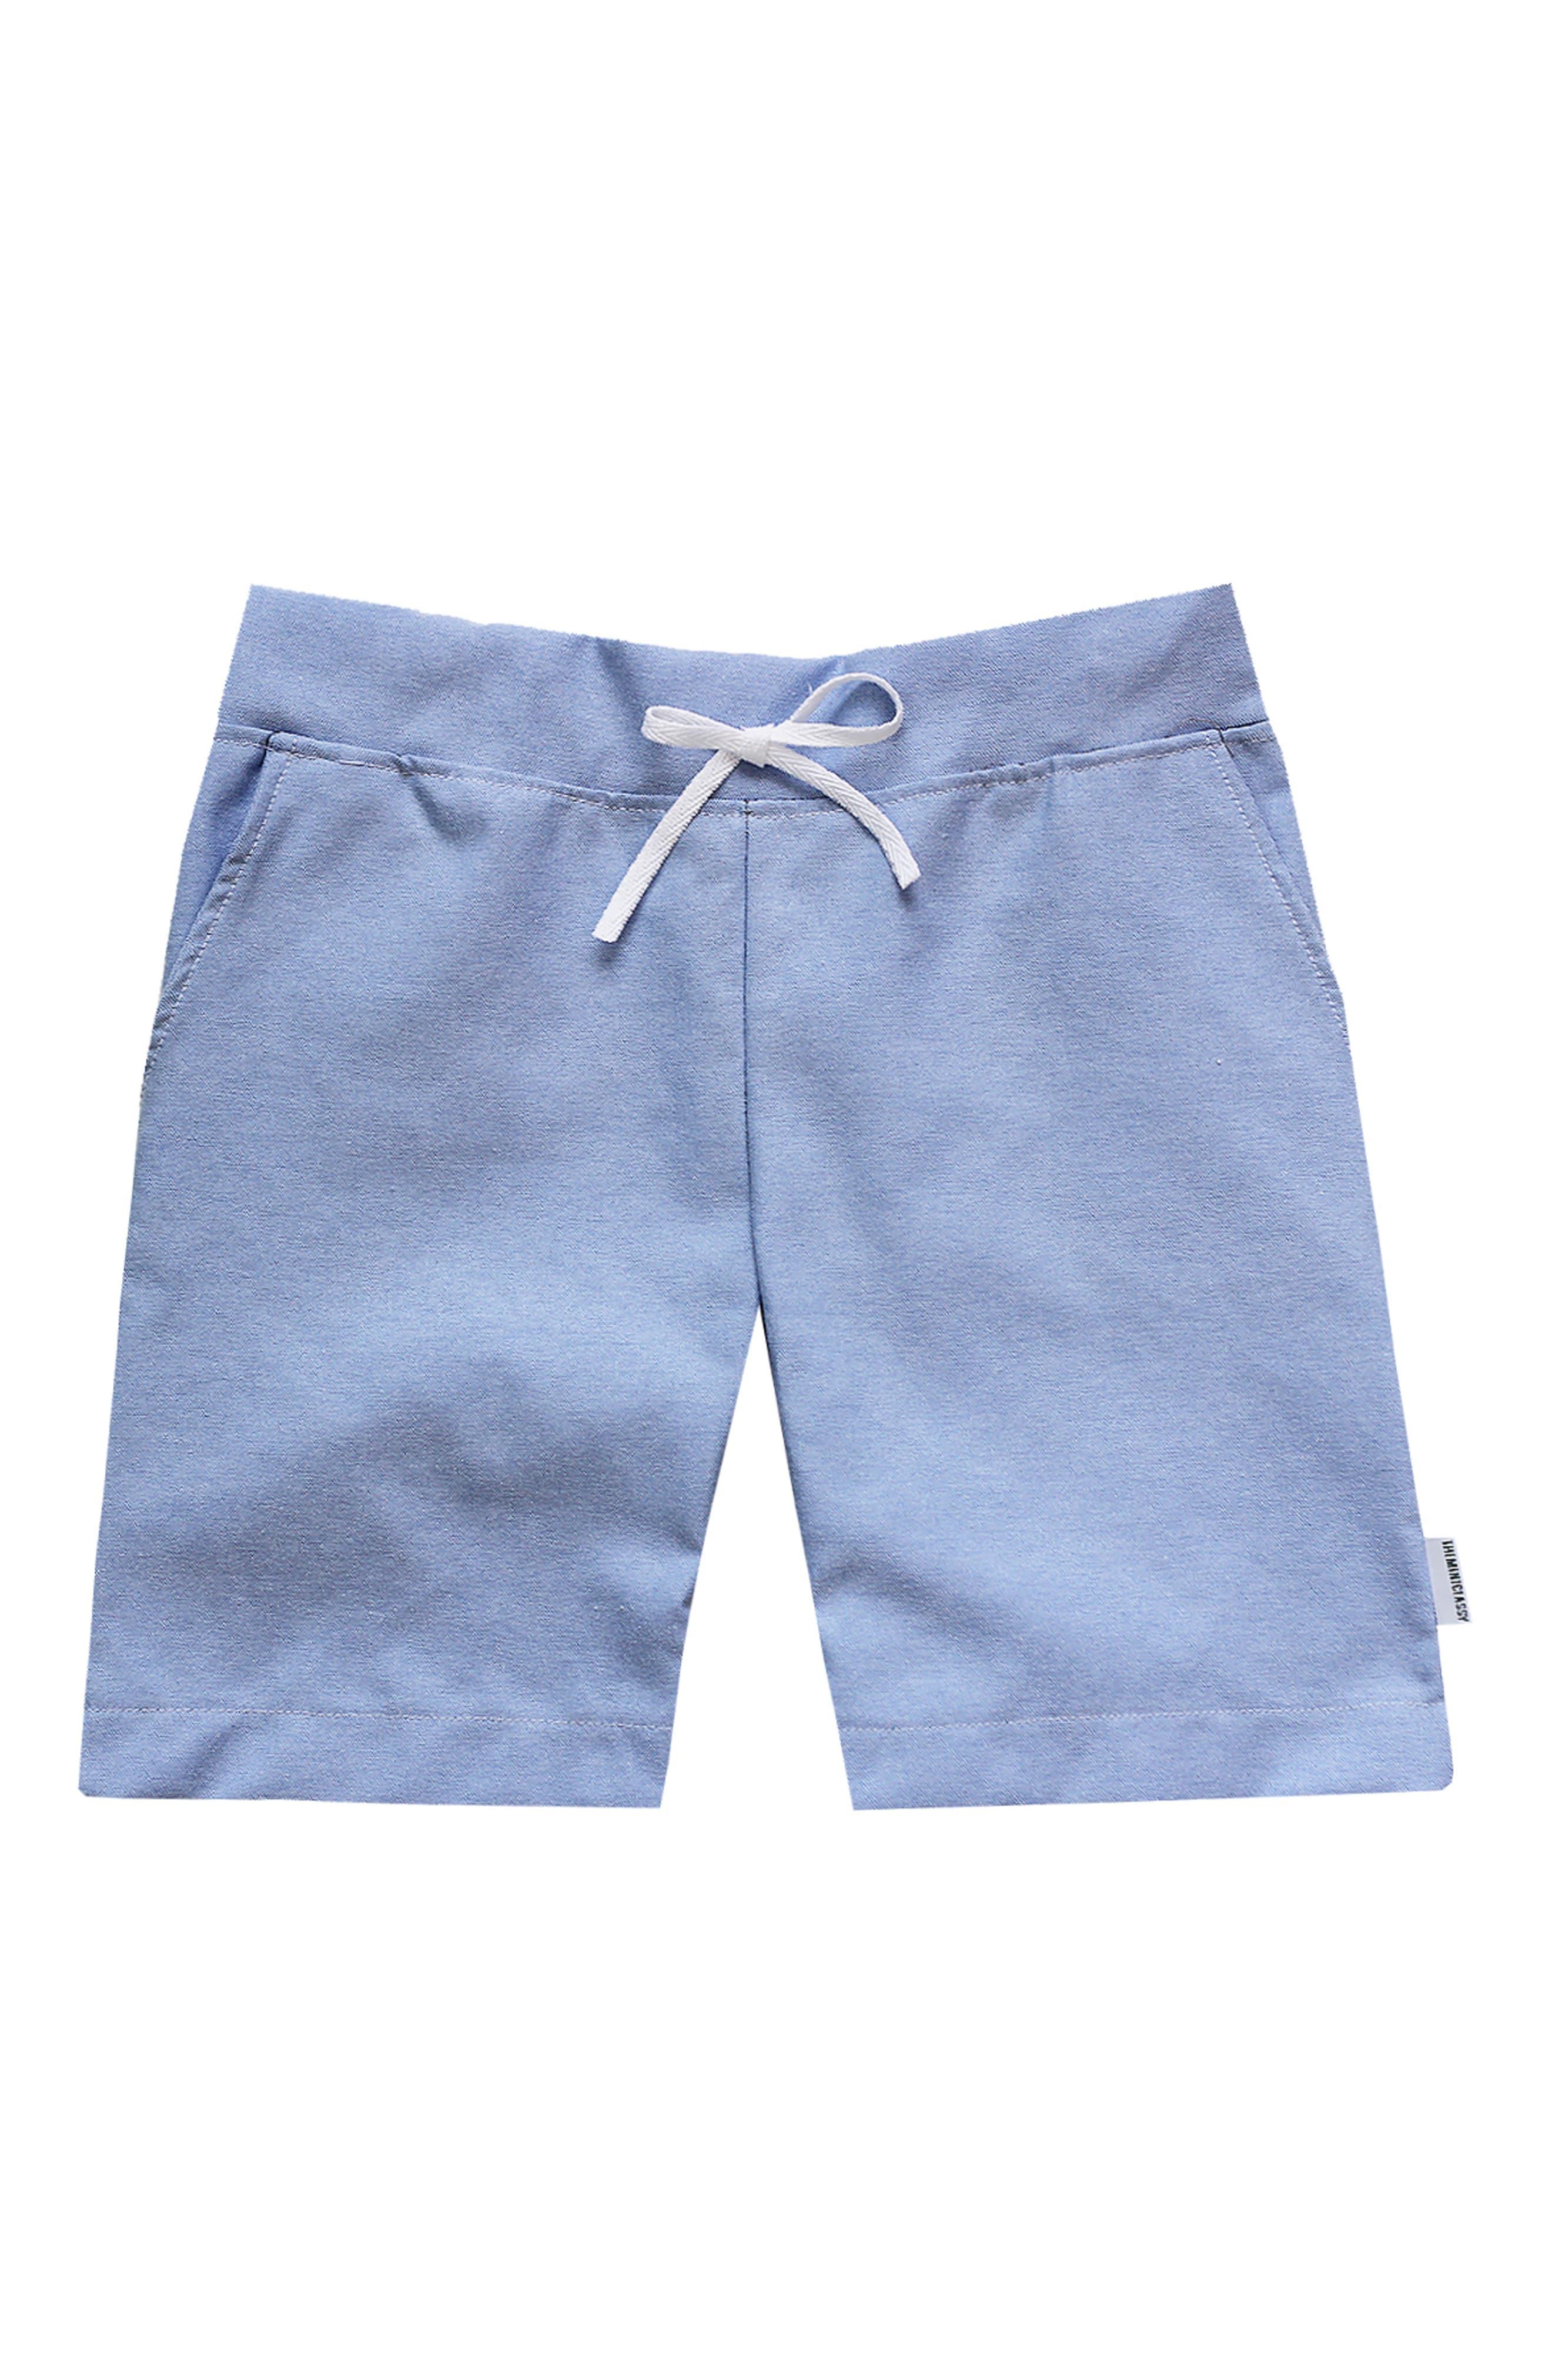 Chambray Drawstring Shorts,                         Main,                         color, 450